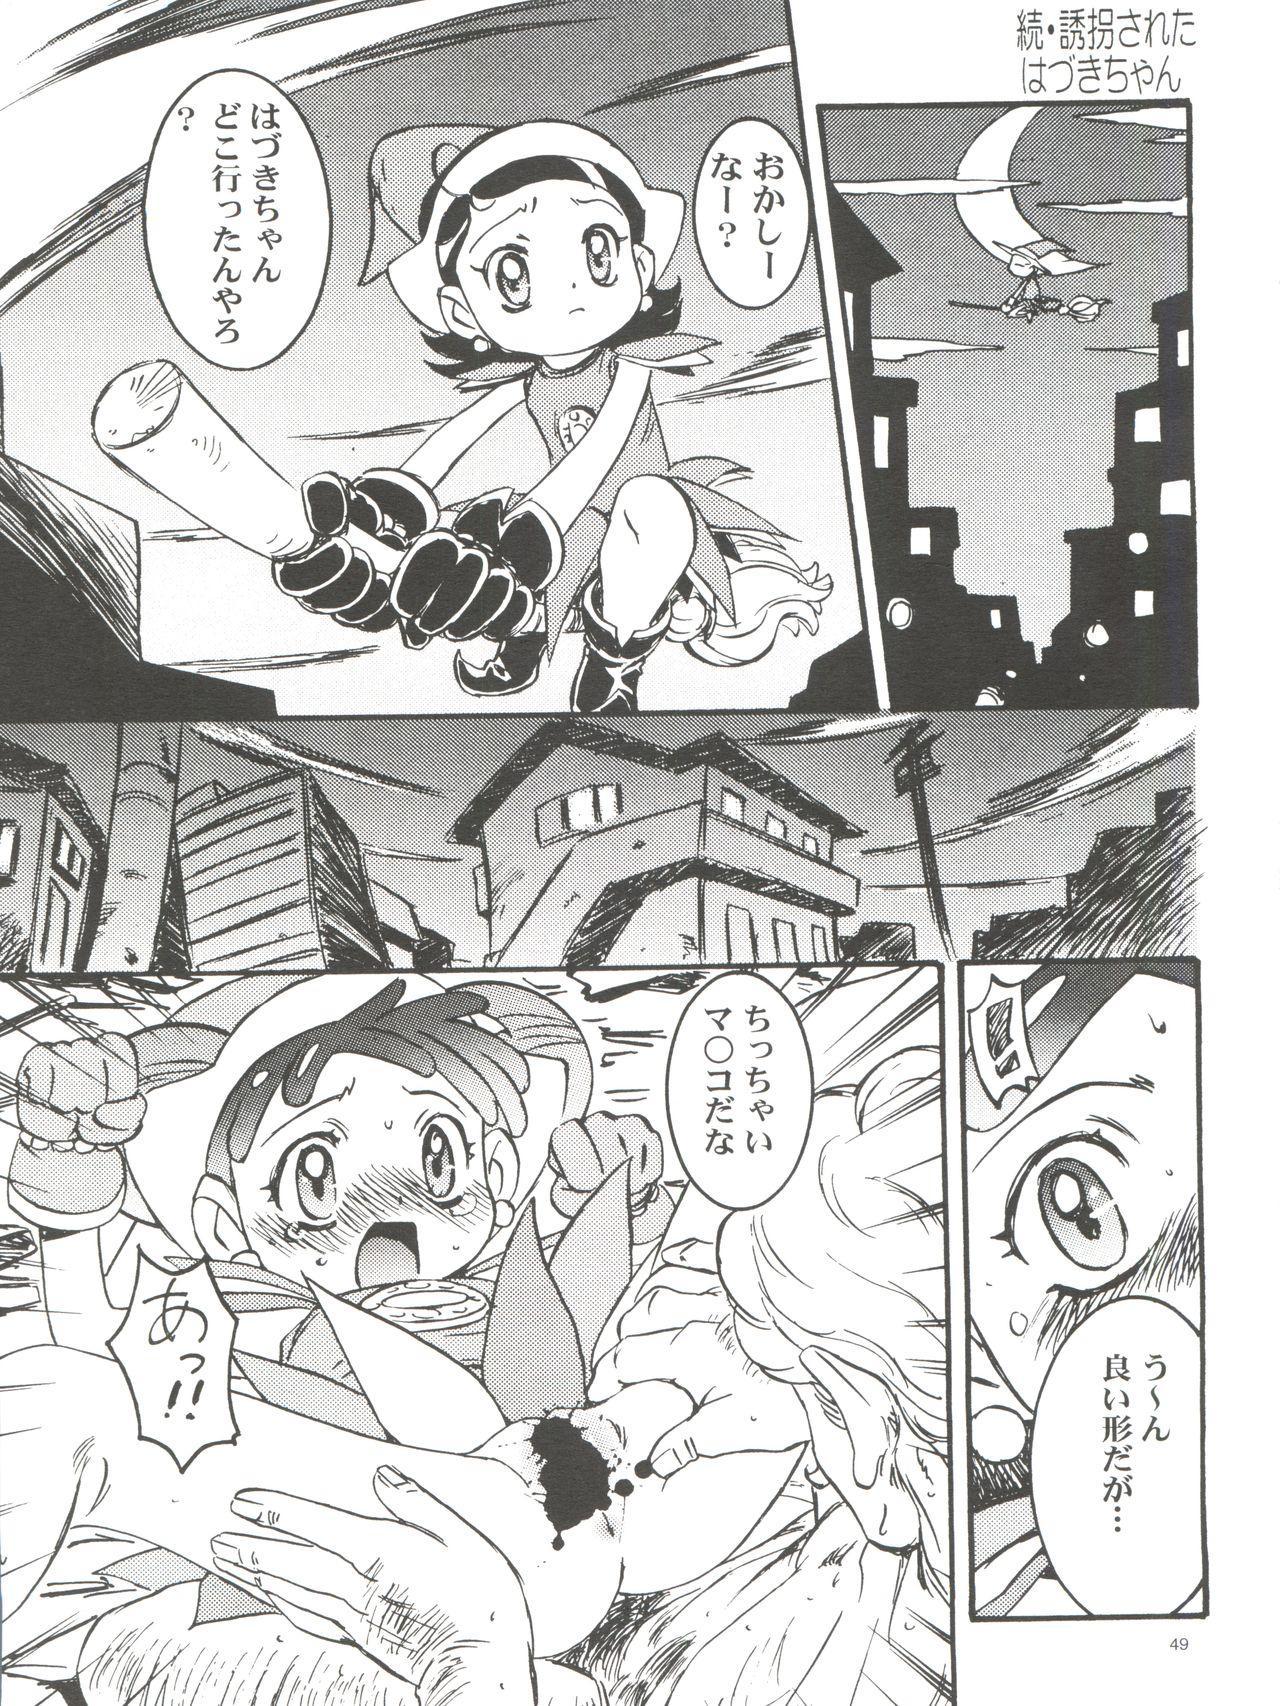 Wanpaku Anime Daihyakka Nanno Koto Jisensyuu Vol. 1 50